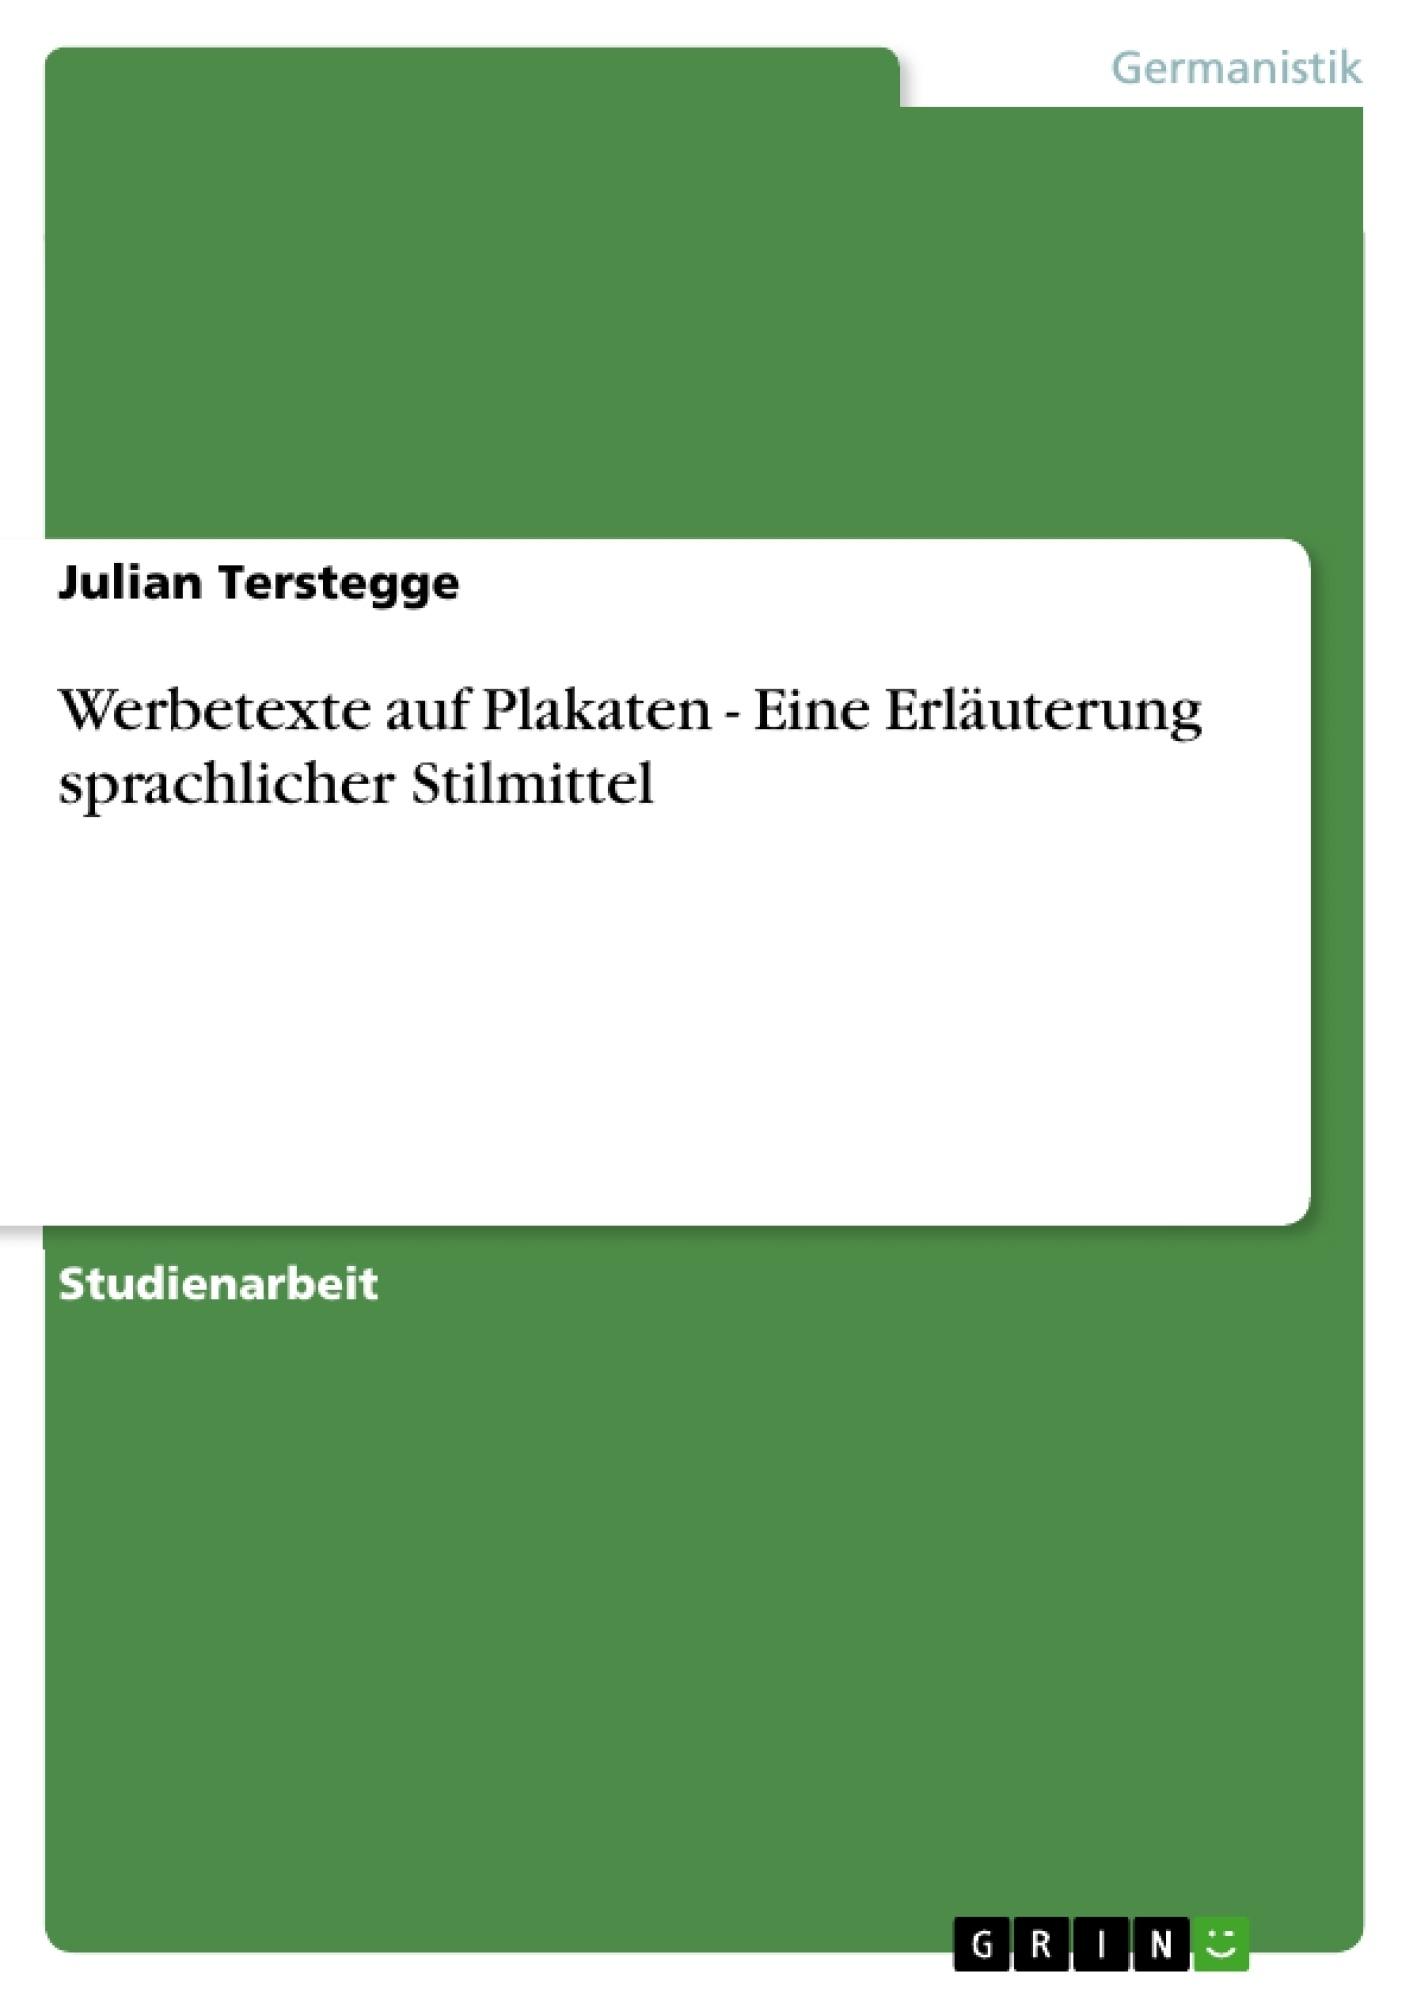 Titel: Werbetexte auf Plakaten - Eine Erläuterung sprachlicher Stilmittel